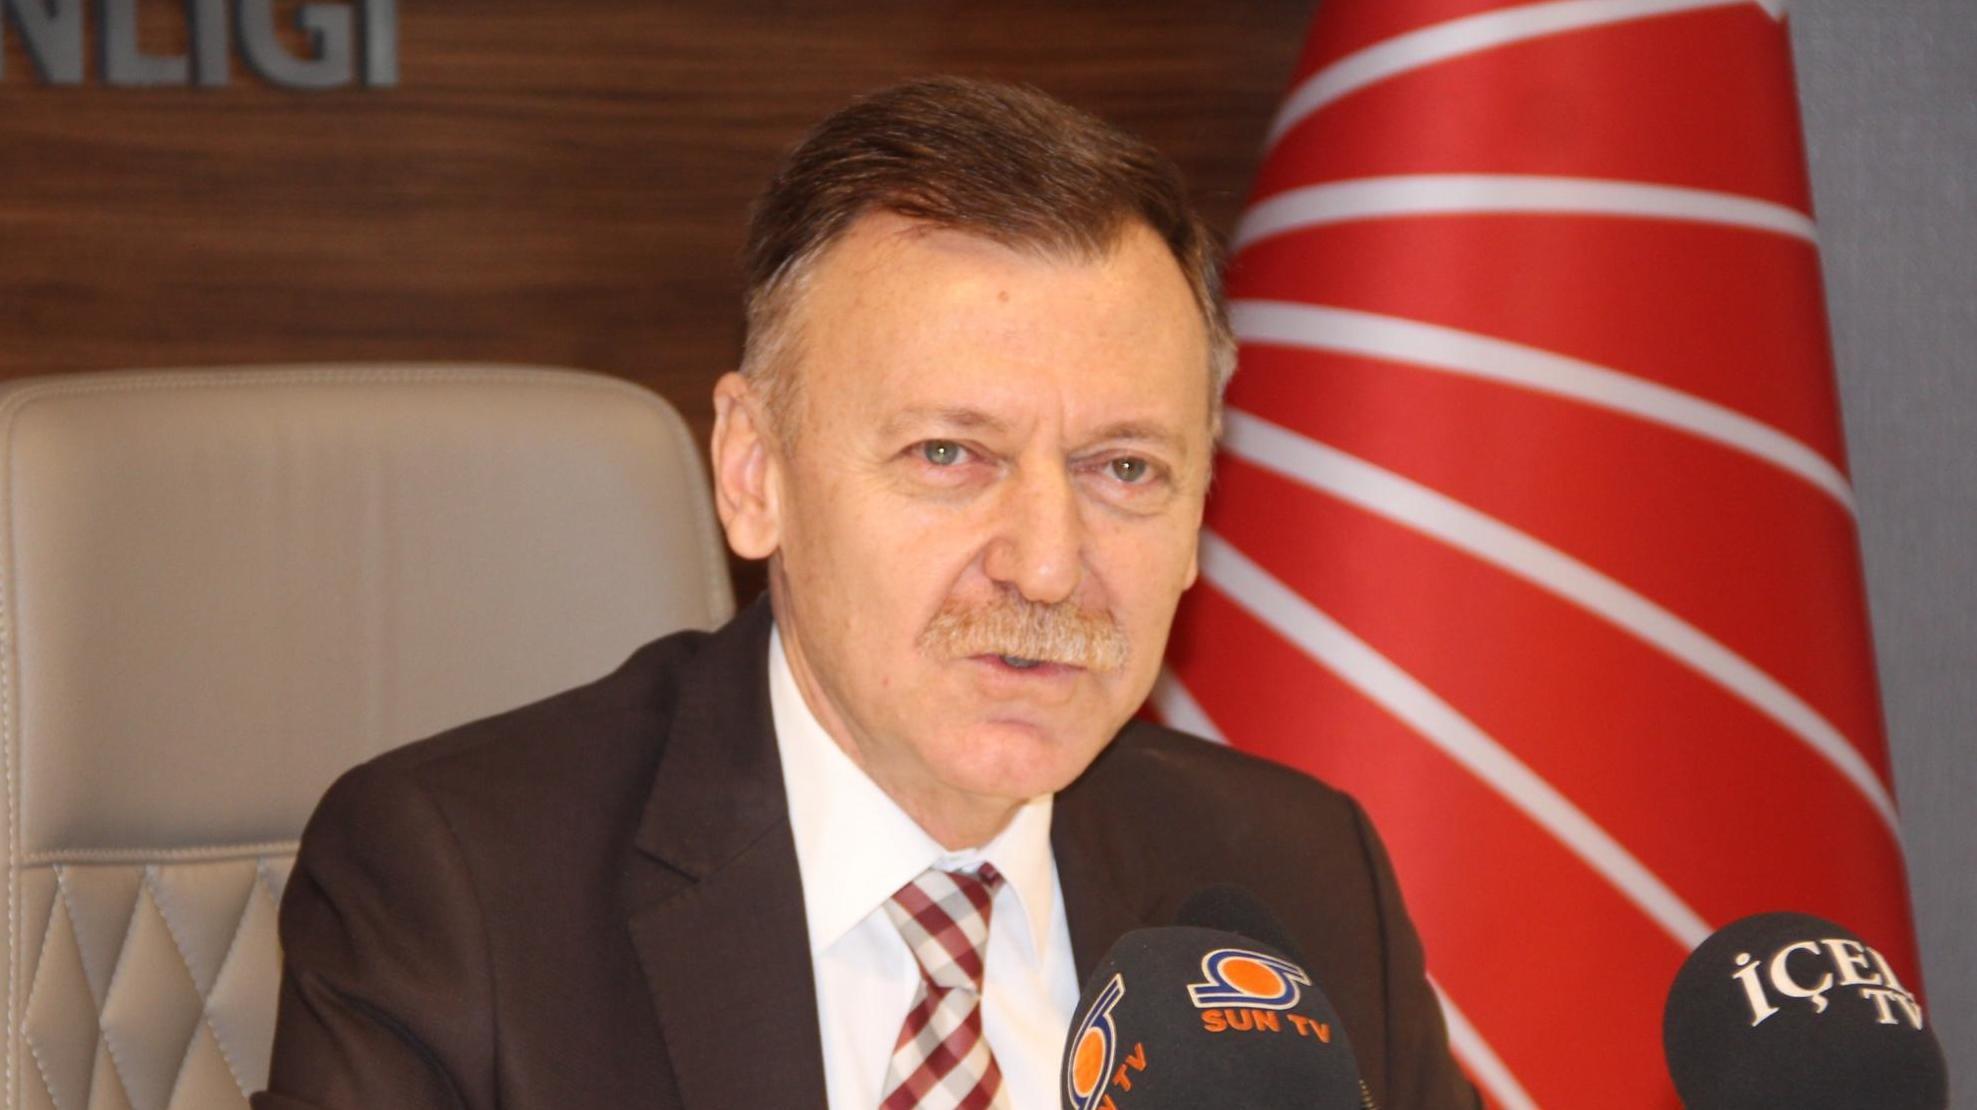 Kılıçdaroğlu'na ilk rakip Mersin'den çıktı!